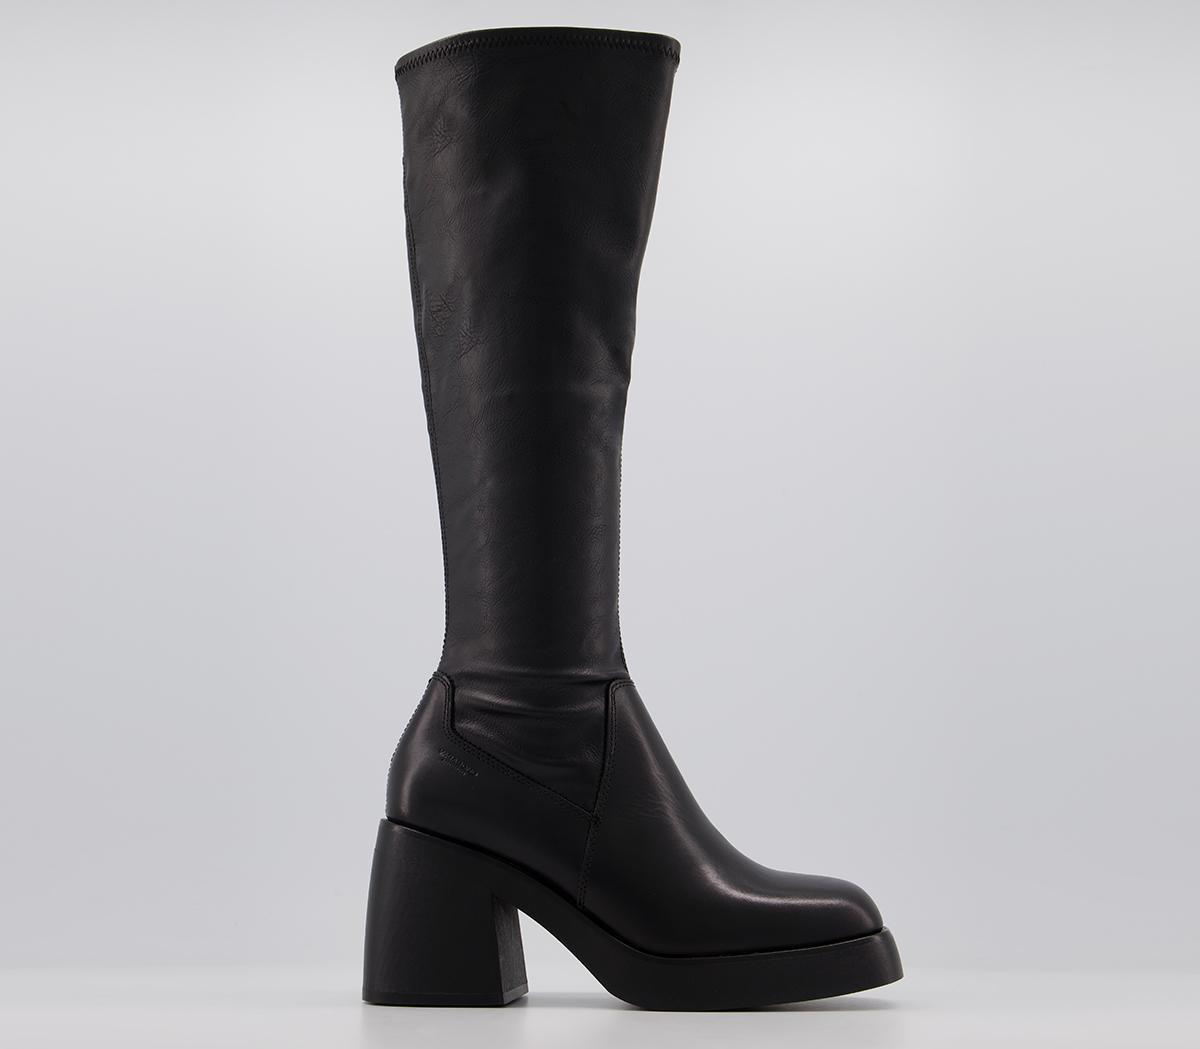 Vagabond Brooke Tall Boots Black - Knee